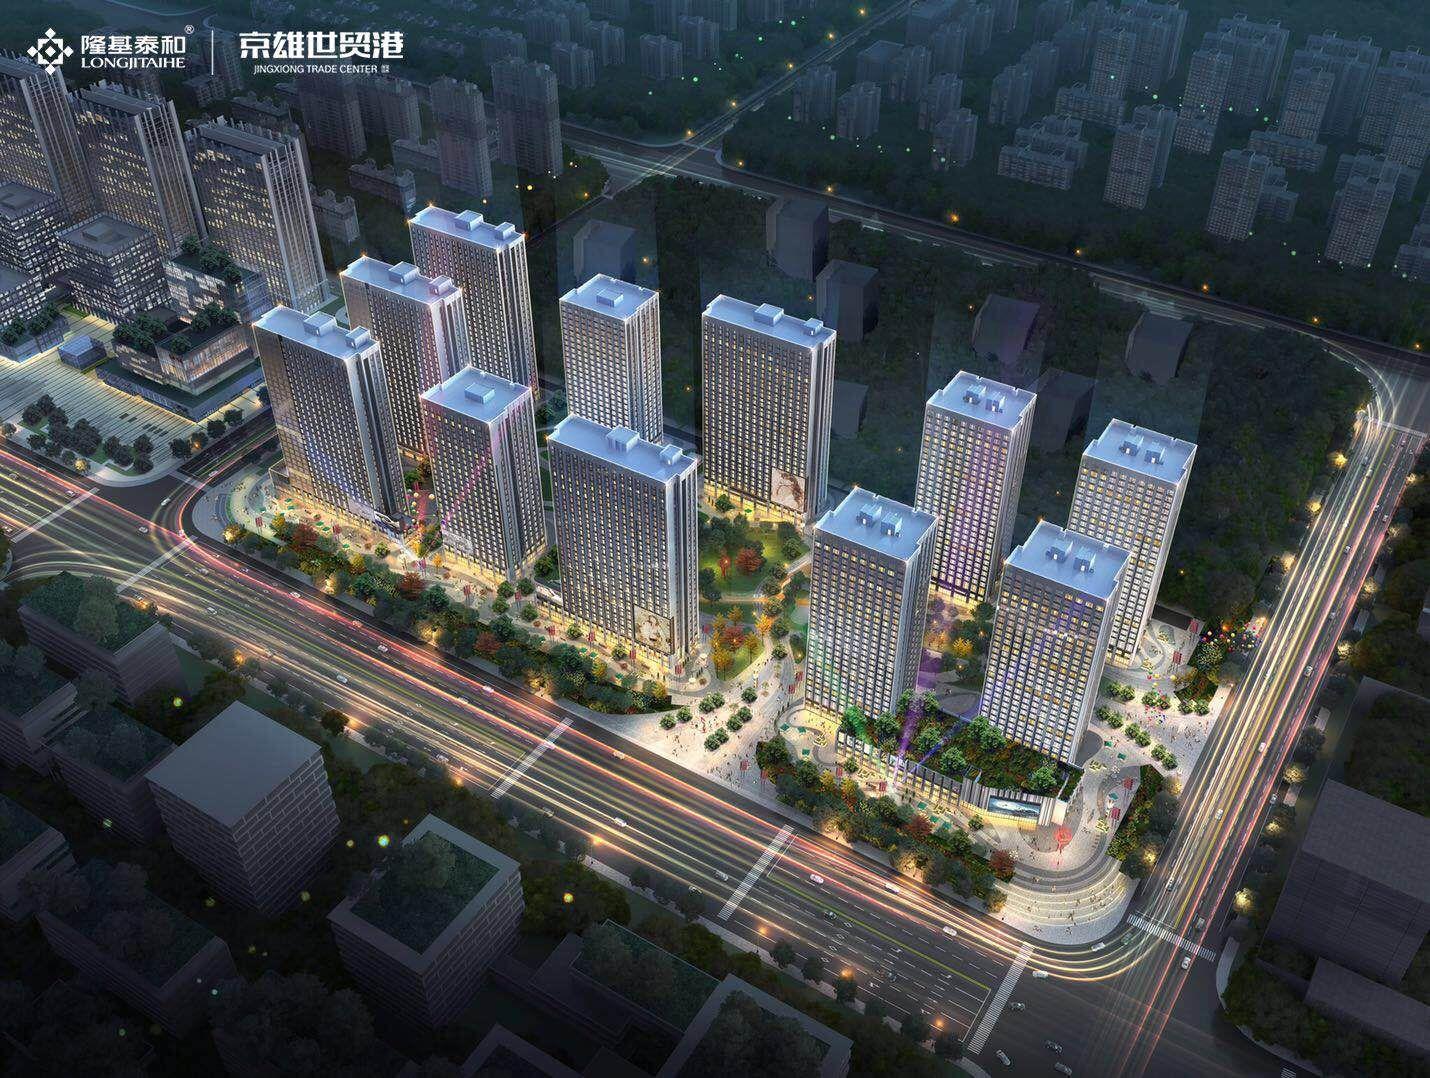 河北京雄世贸港活力谷项目交通便